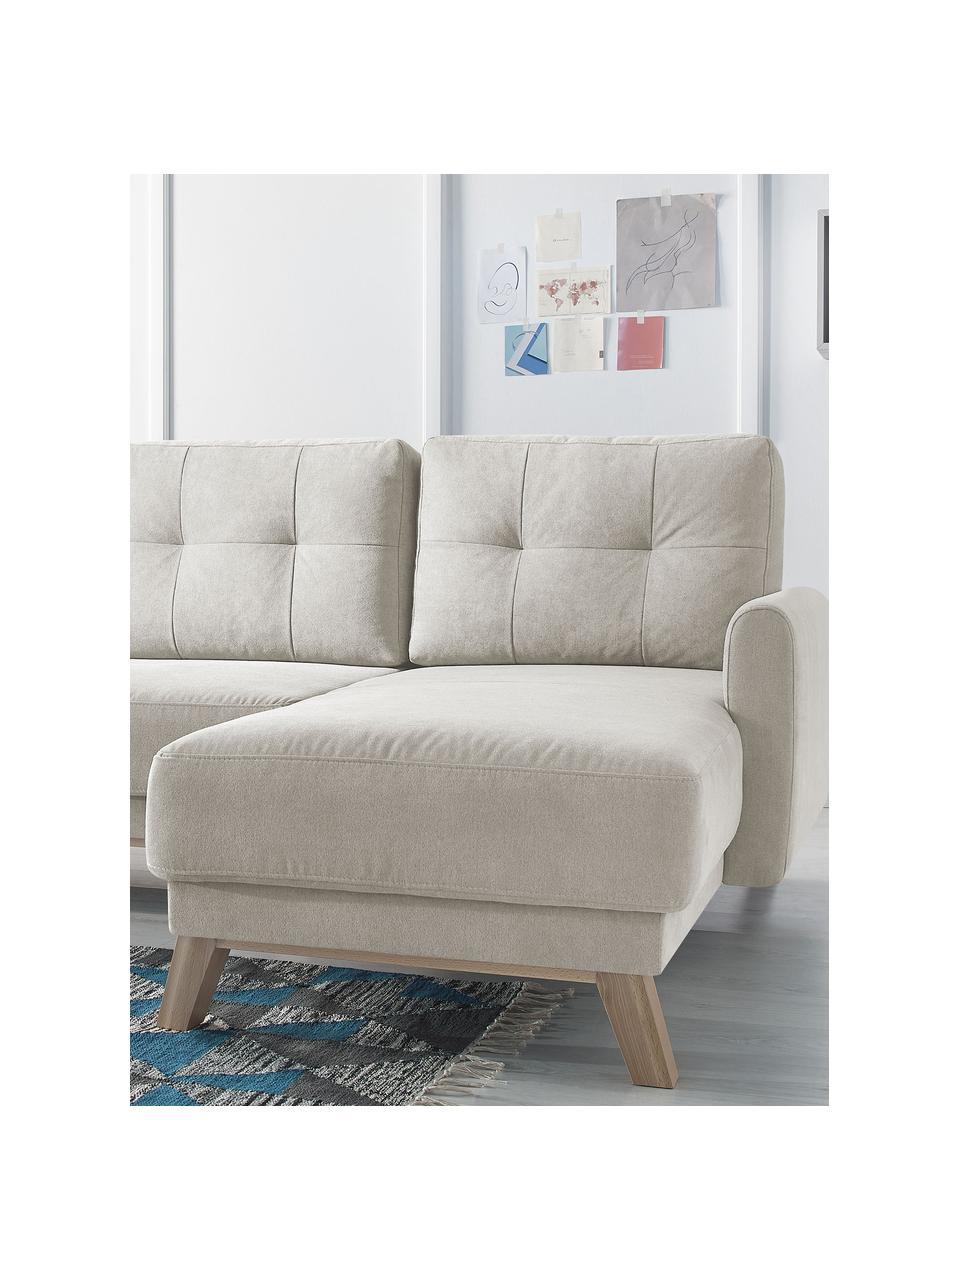 Sofa narożna z aksamitu z funkcją spania i miejscem do przechowywania Balio (4-osobowa), Tapicerka: 100% aksamit poliestrowy , Nogi: drewno naturalne, Aksamitny kremowy, S 234 x G 164 cm